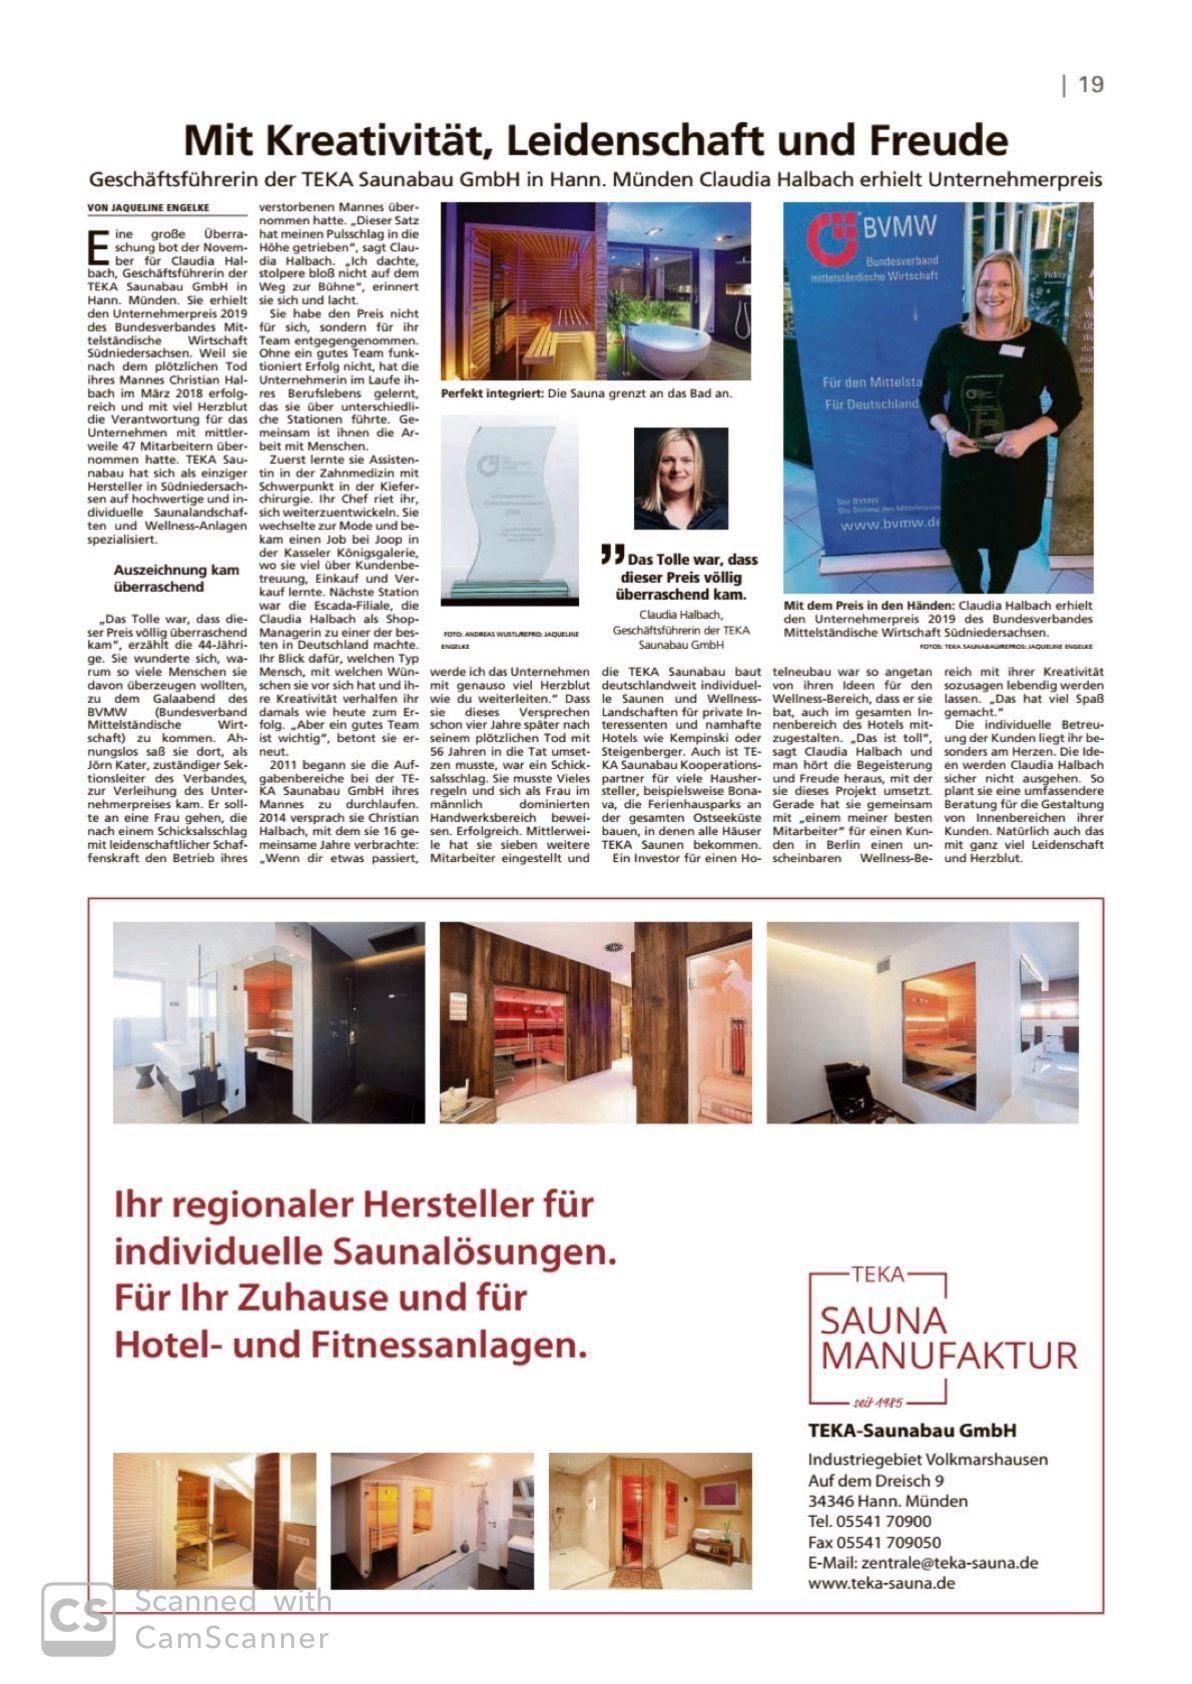 Artikel in der Hessische/Niedersächsische Allgemeine vom 24.12.19